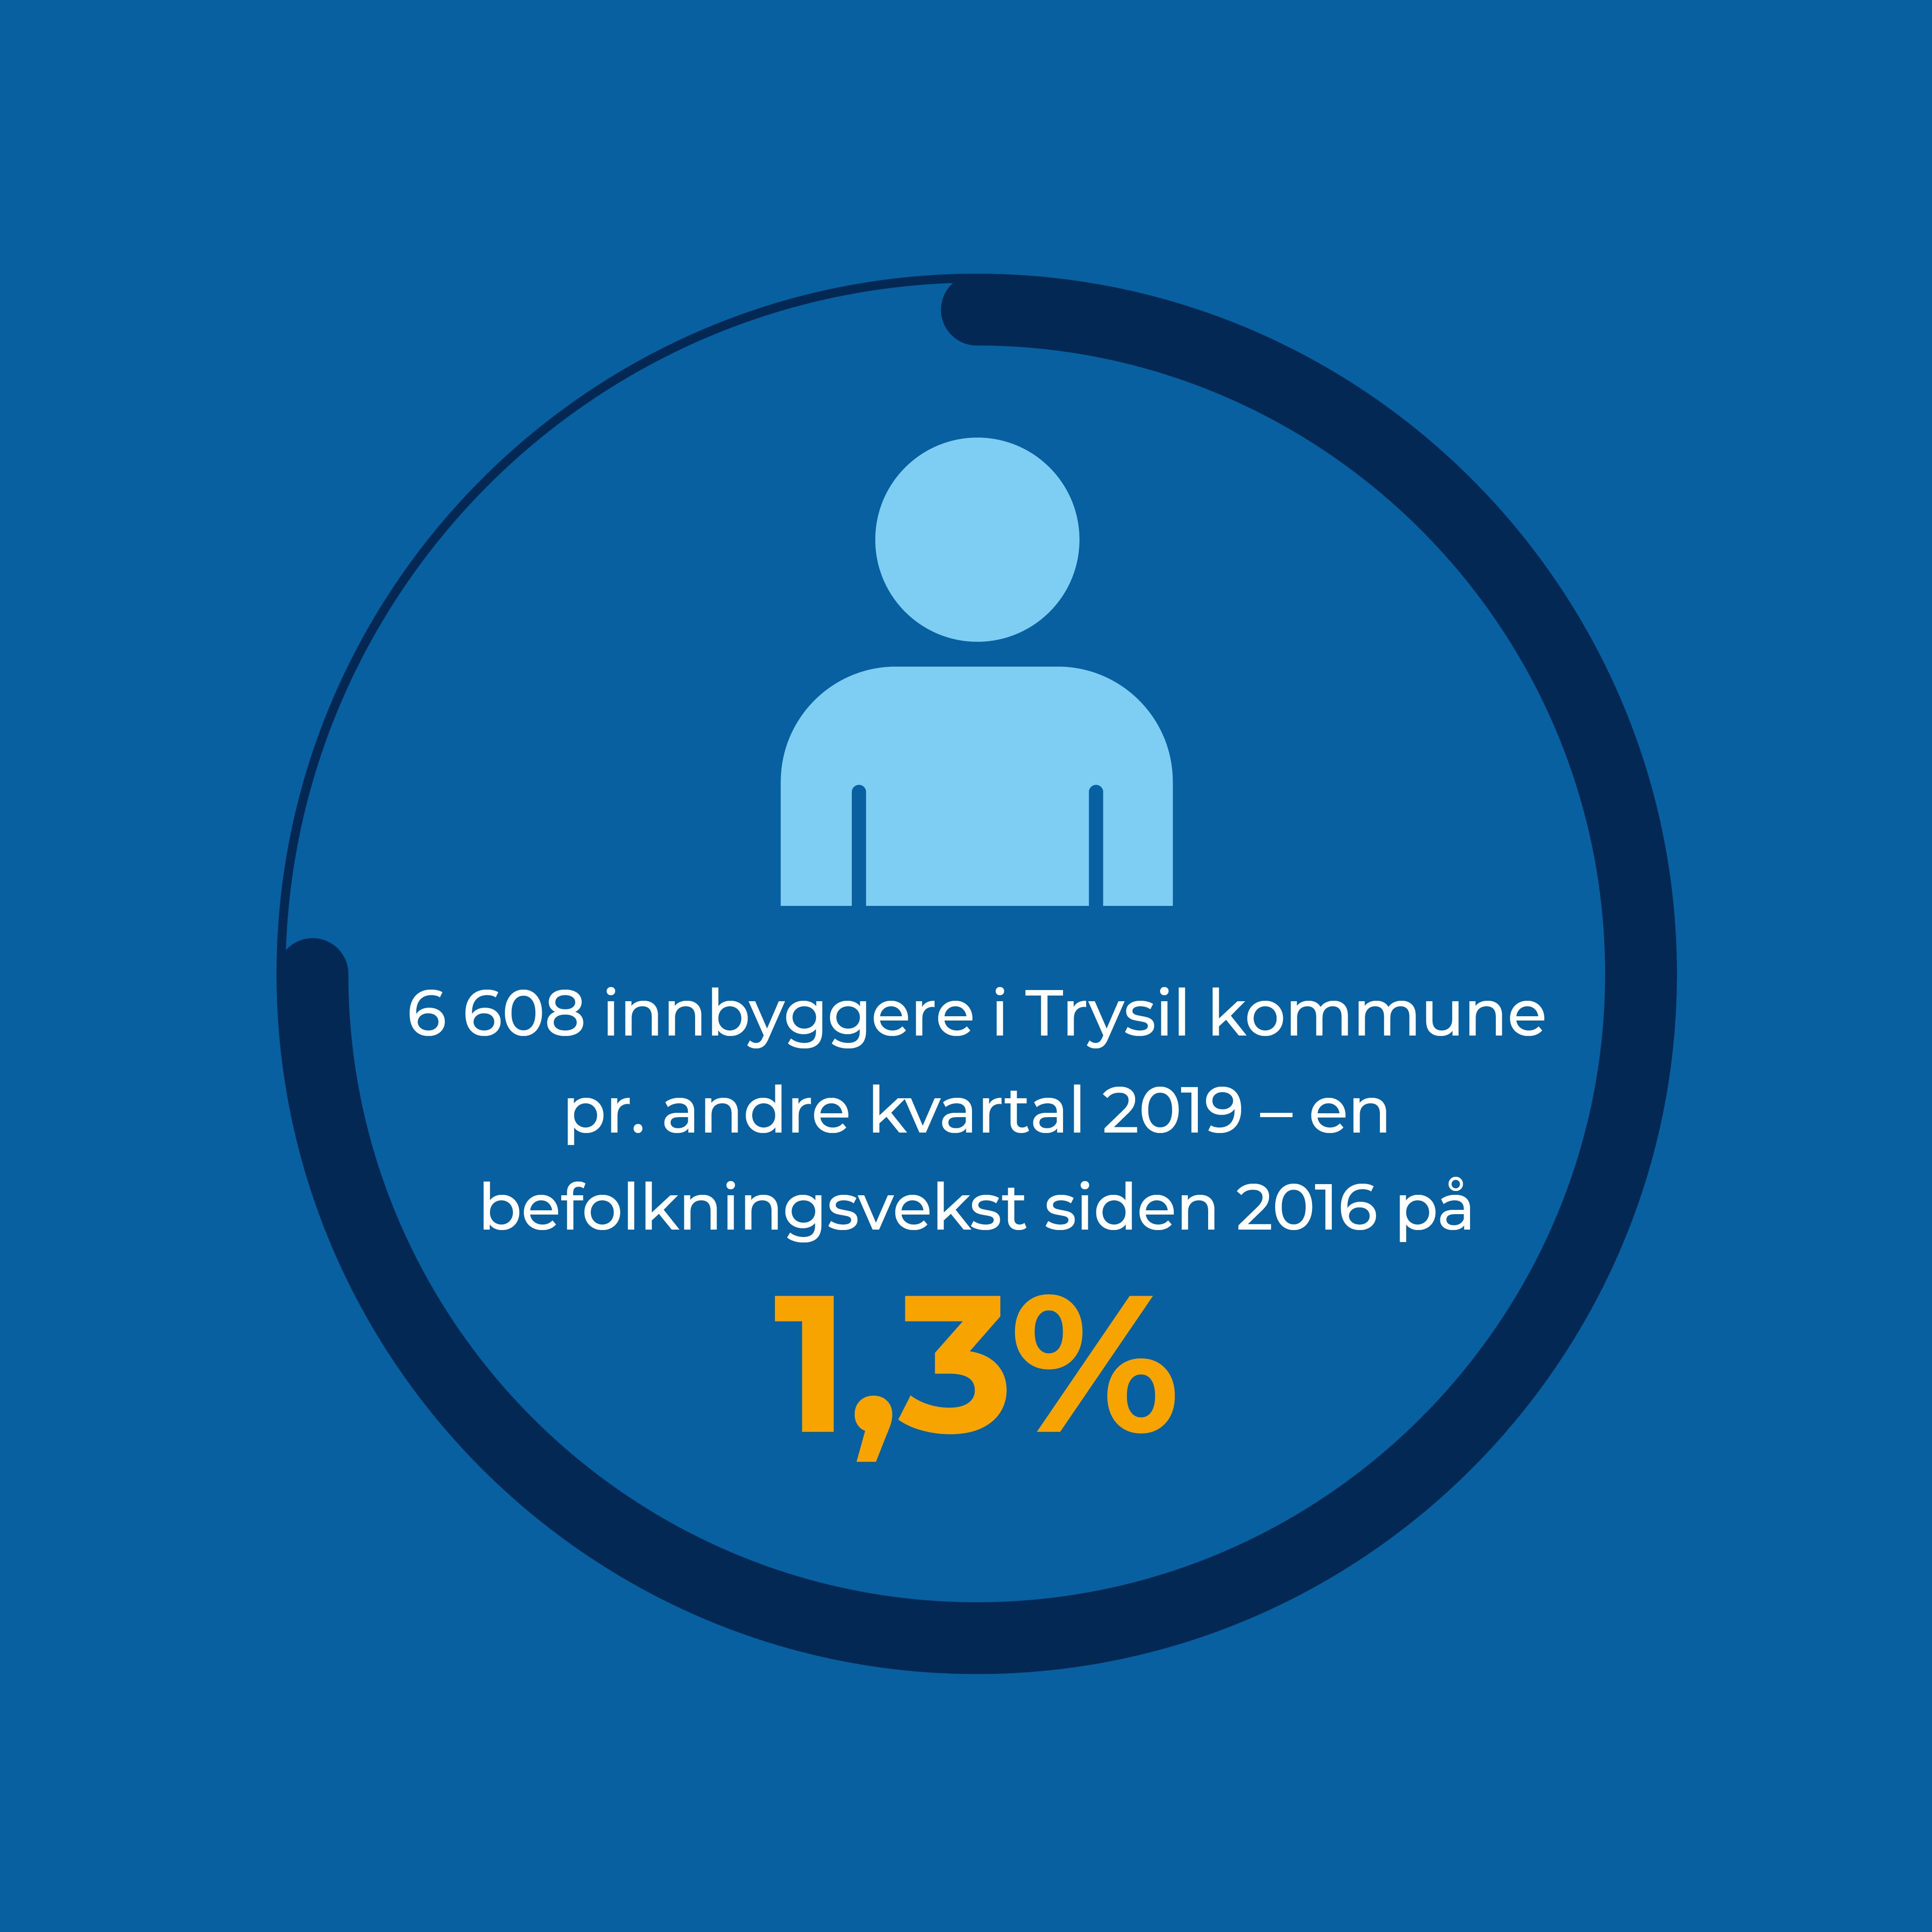 6 608 innbyggere i Trysil kommune pr. andre kvartal 2019